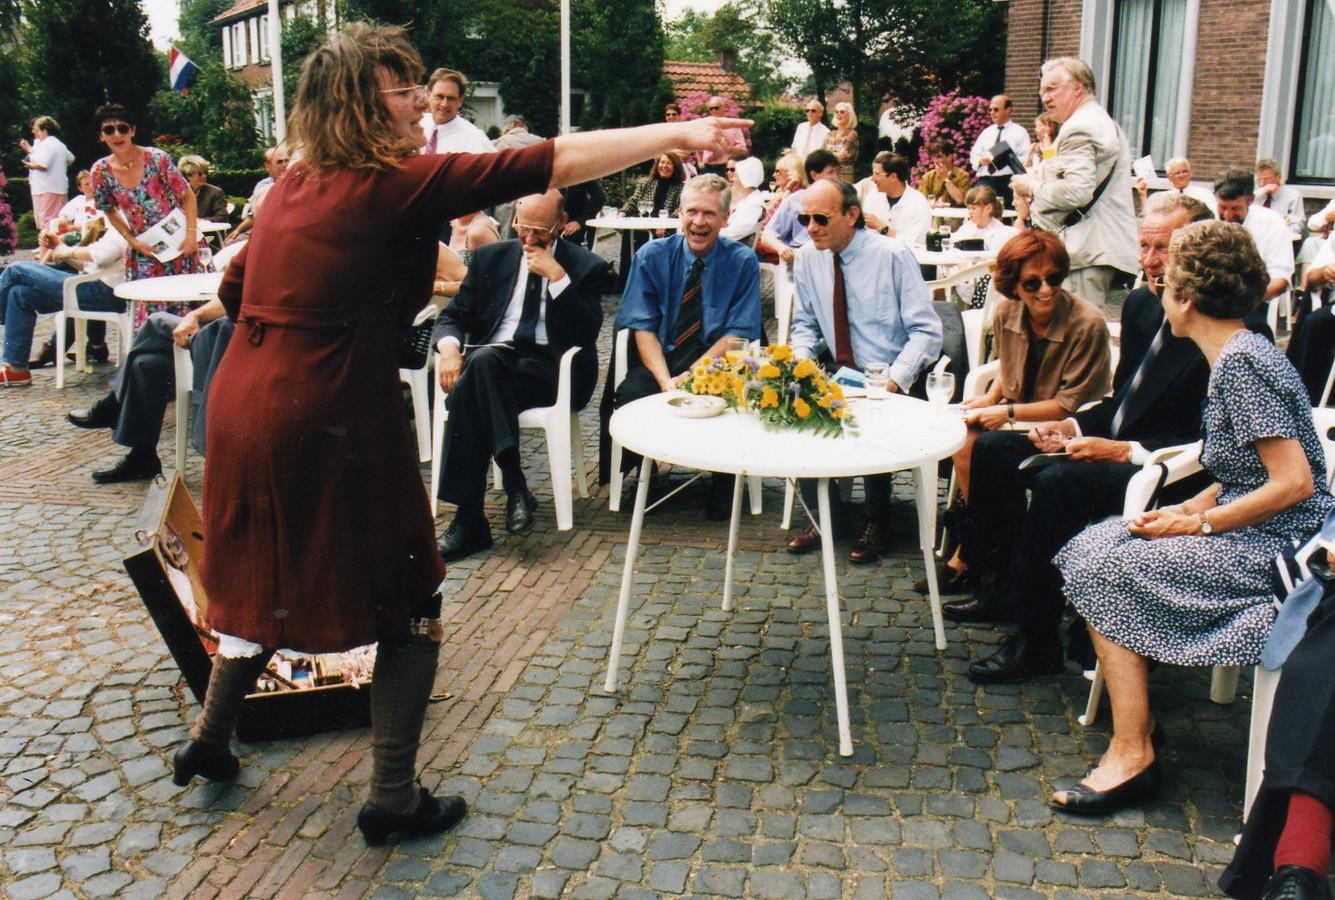 Fragment uit de historische optocht tijdens Diessen 1625 in 1995. In het midden de eregasten burgemeester Reinders (donkerblauw overhemd) en rechts naast hem Commissaris van de Koningin Van der Harten, vóór het voormalige gemeentehuis van Diessen in de Willibrordusstraat.